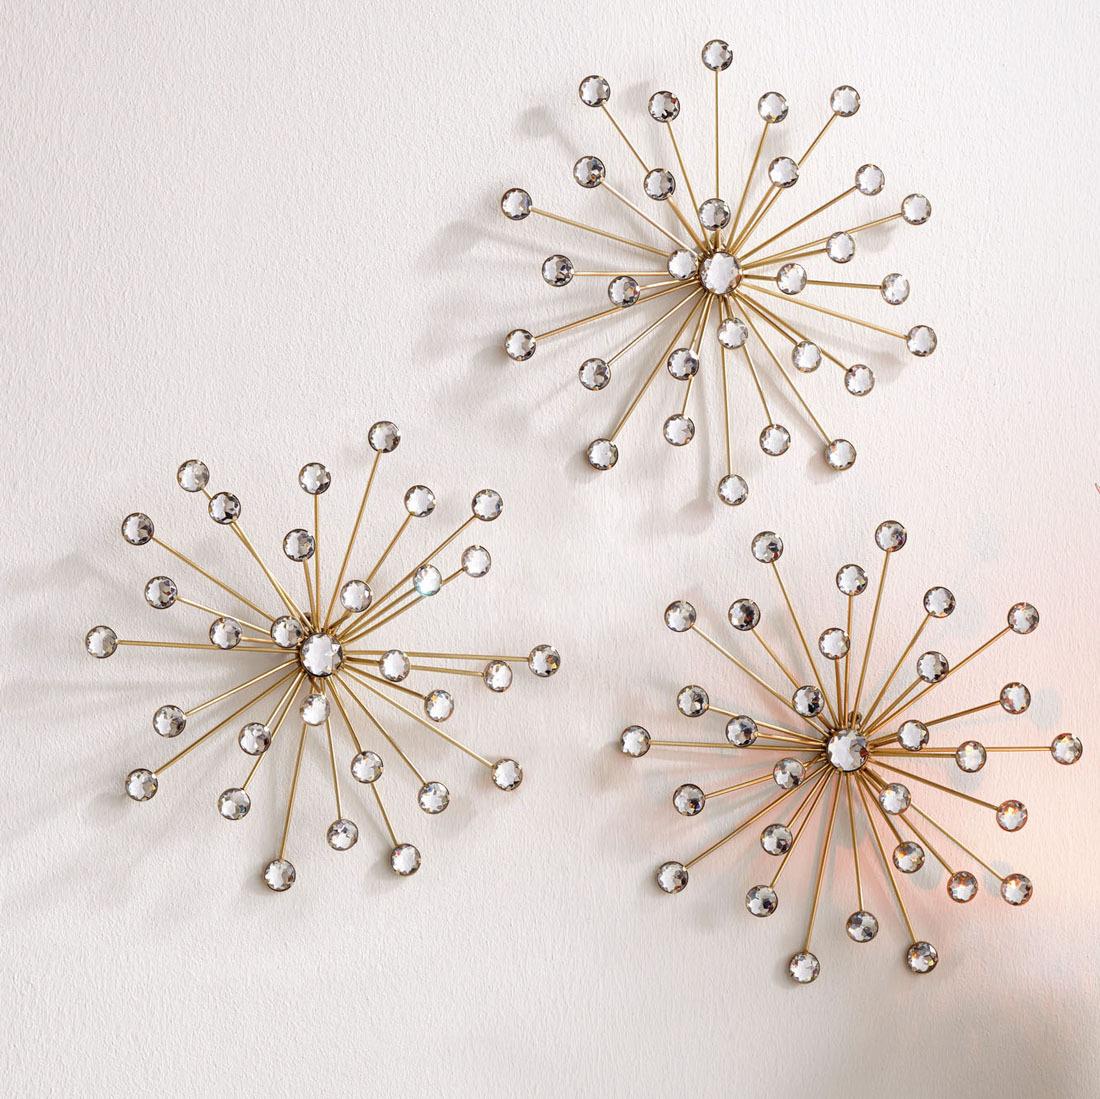 """Настенные украшения """"Цветы-кристаллы"""", 3 штуки #1"""